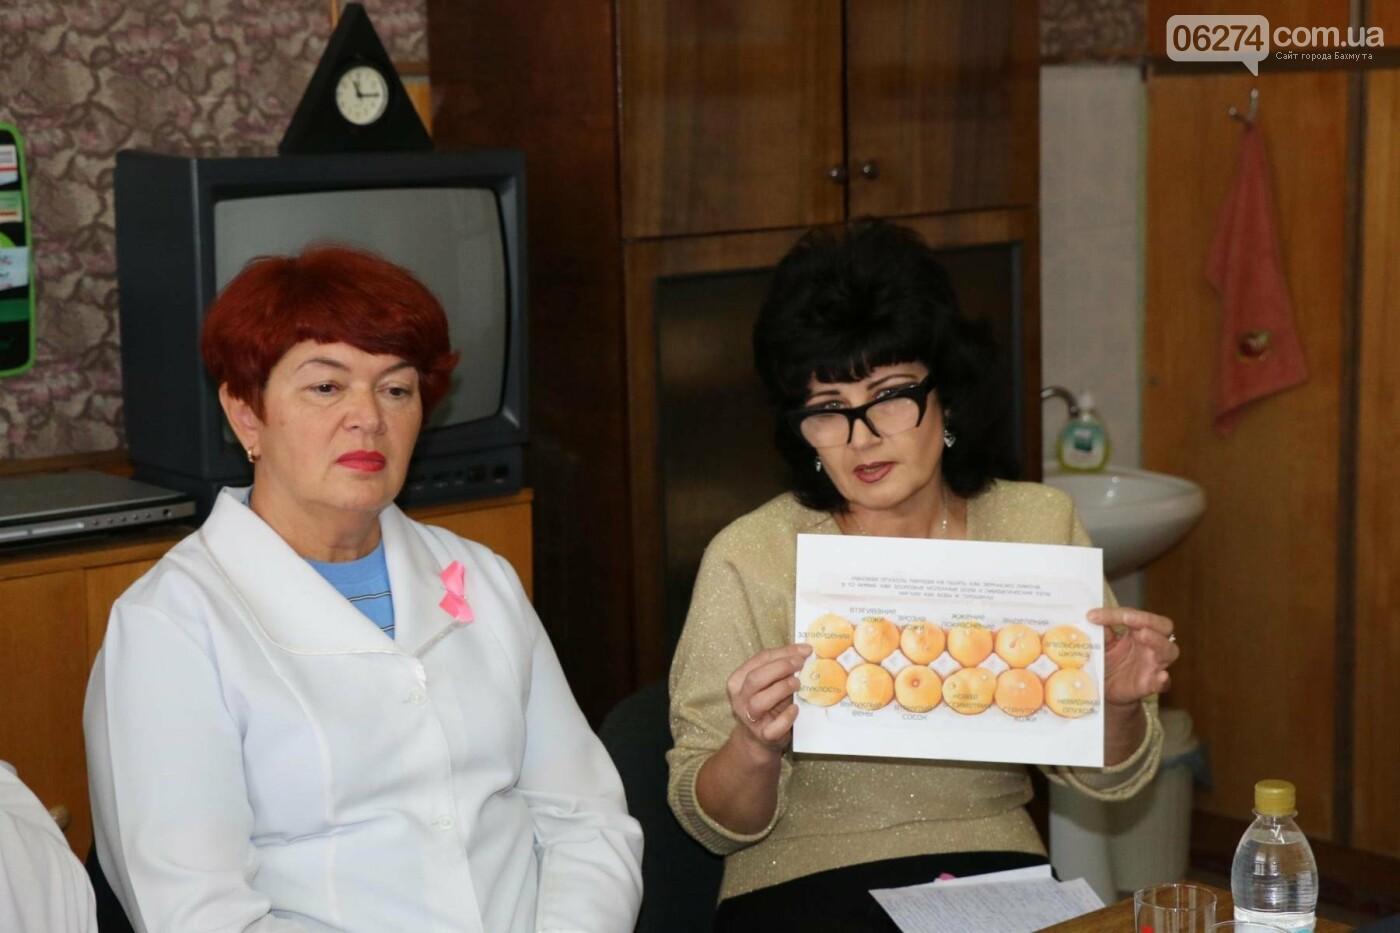 В Бахмуте медики обсудили методы борьбы с раком молочной железы, фото-2